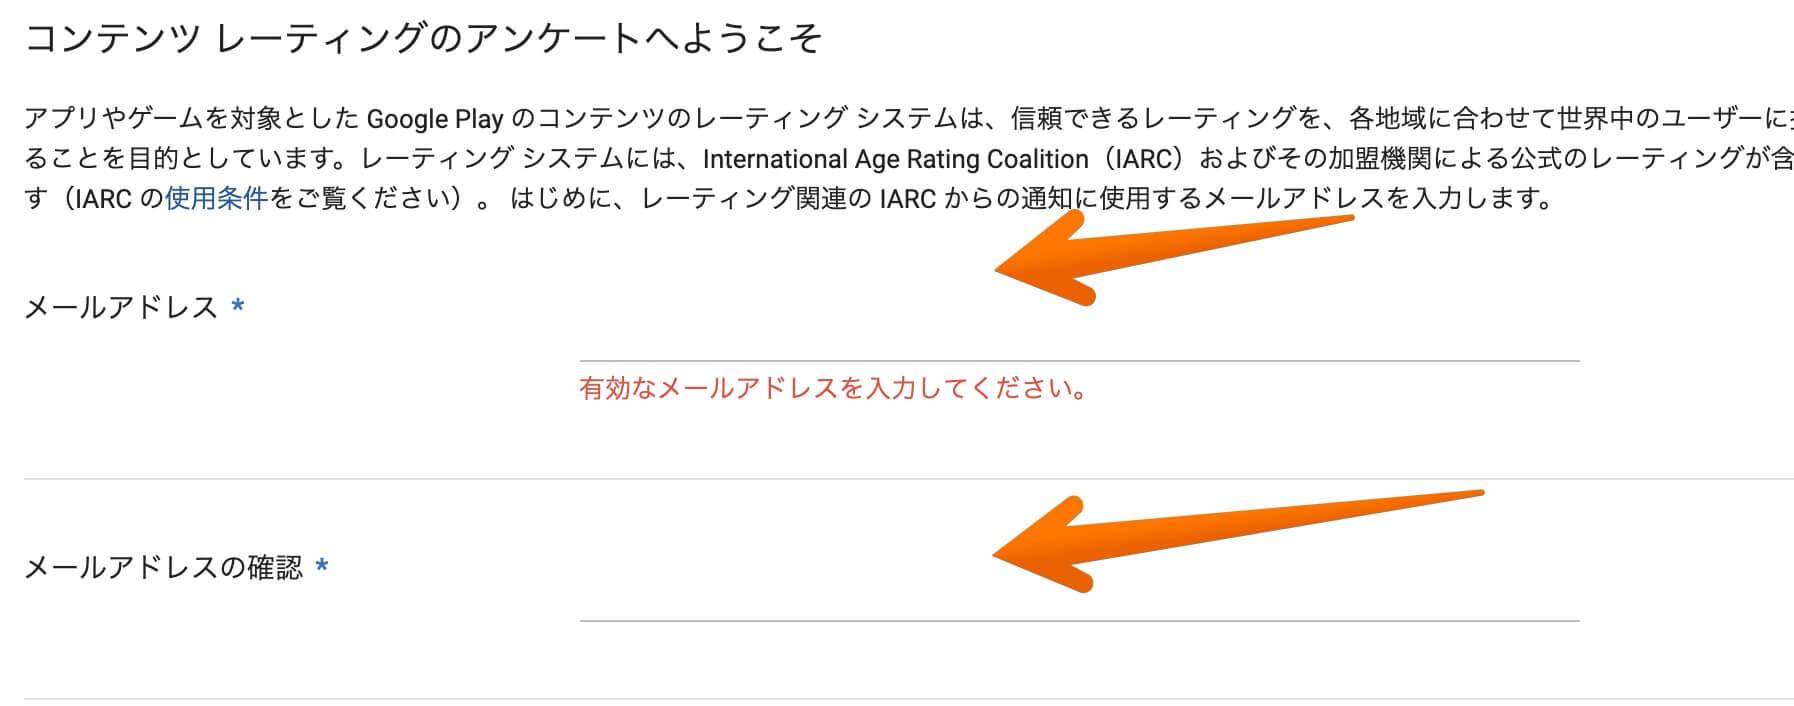 Google-Play-Consoleでコンテンツレーティングに必要なメールアドレスを入力する